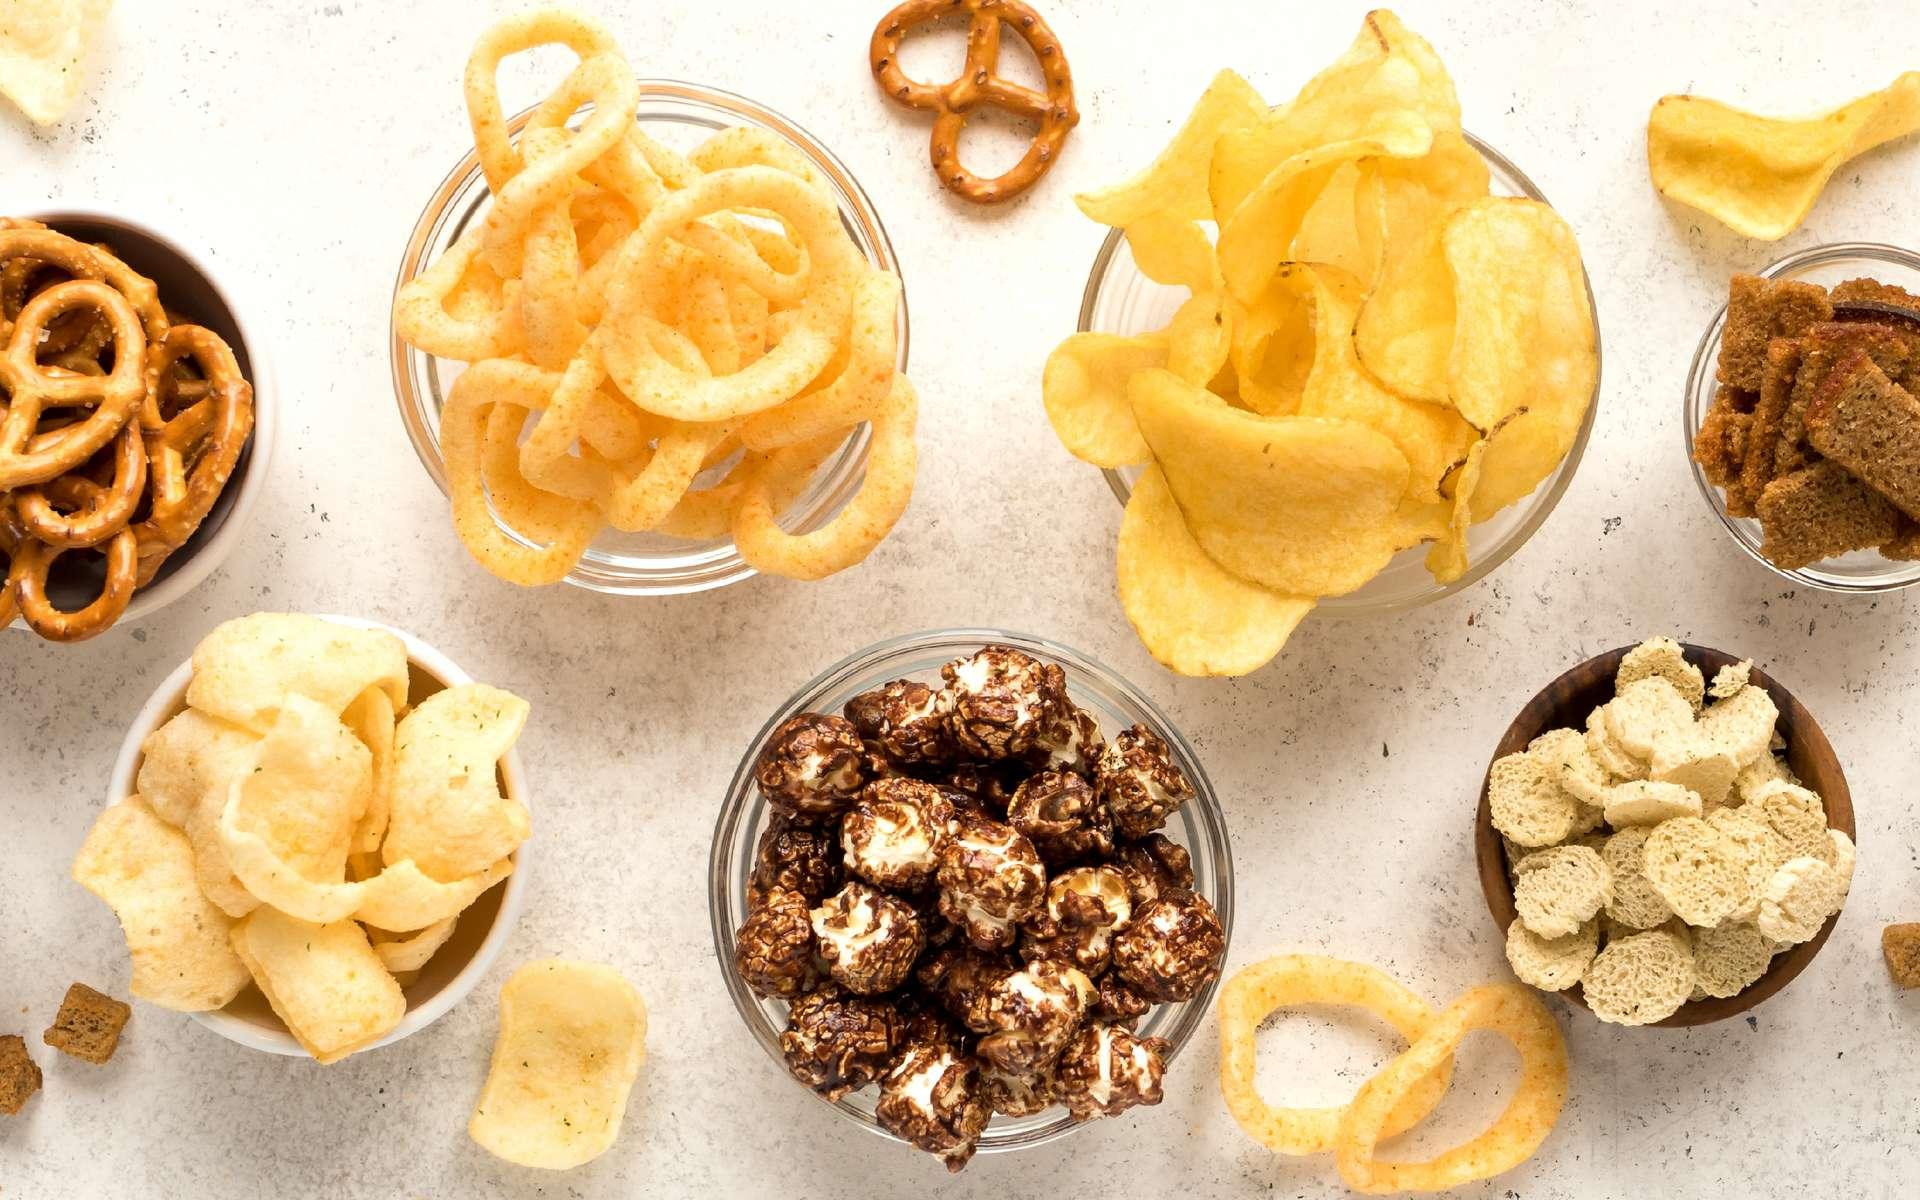 Concernant la dangerosité des acides gras trans, on dispose d'études épidémiologiques reliant leur consommation aux maladies cardiovasculaires. © mizina, Adobe Stock